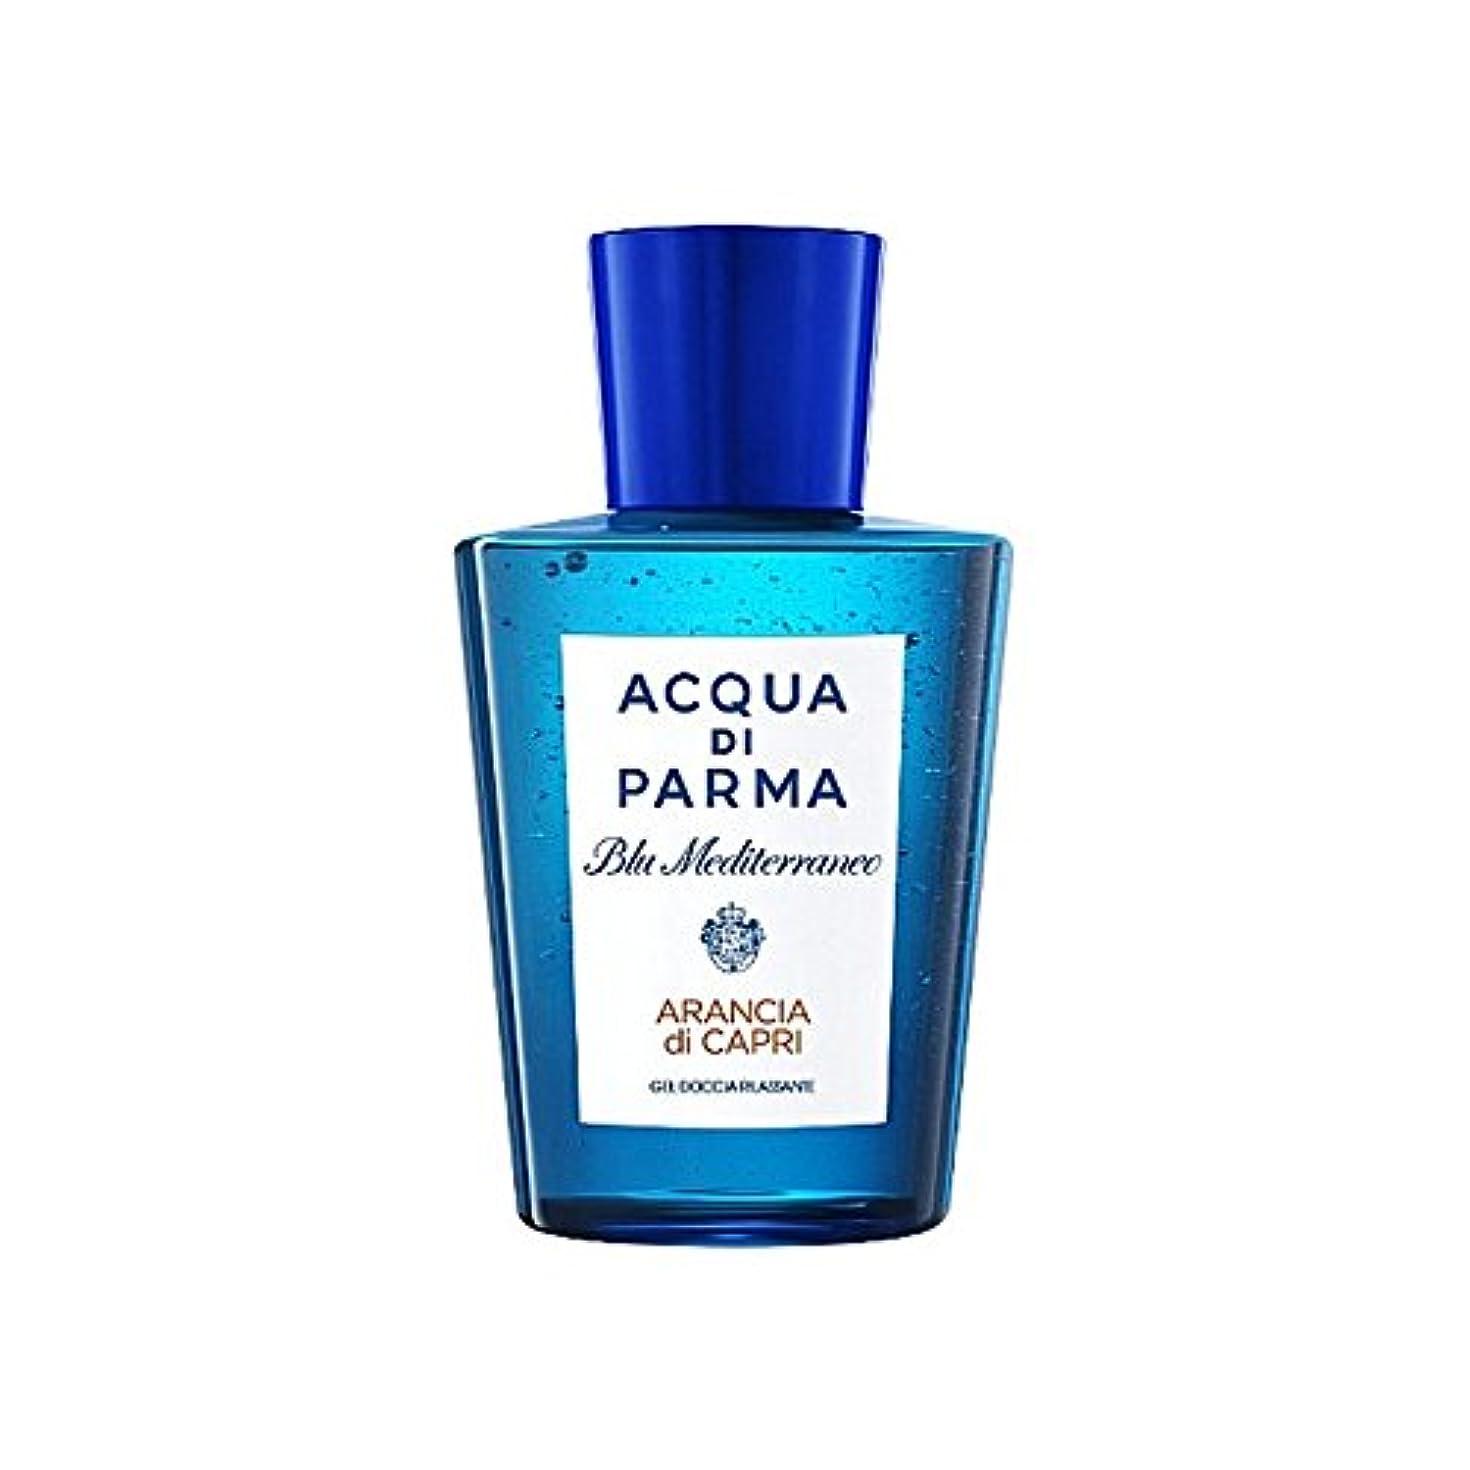 差別的ダイバー感謝しているAcqua Di Parma Blu Mediterraneo Arancia Di Capri Shower Gel 200ml - アクアディパルマブルーメディのアランシアジカプリシャワージェル200 [並行輸入品]